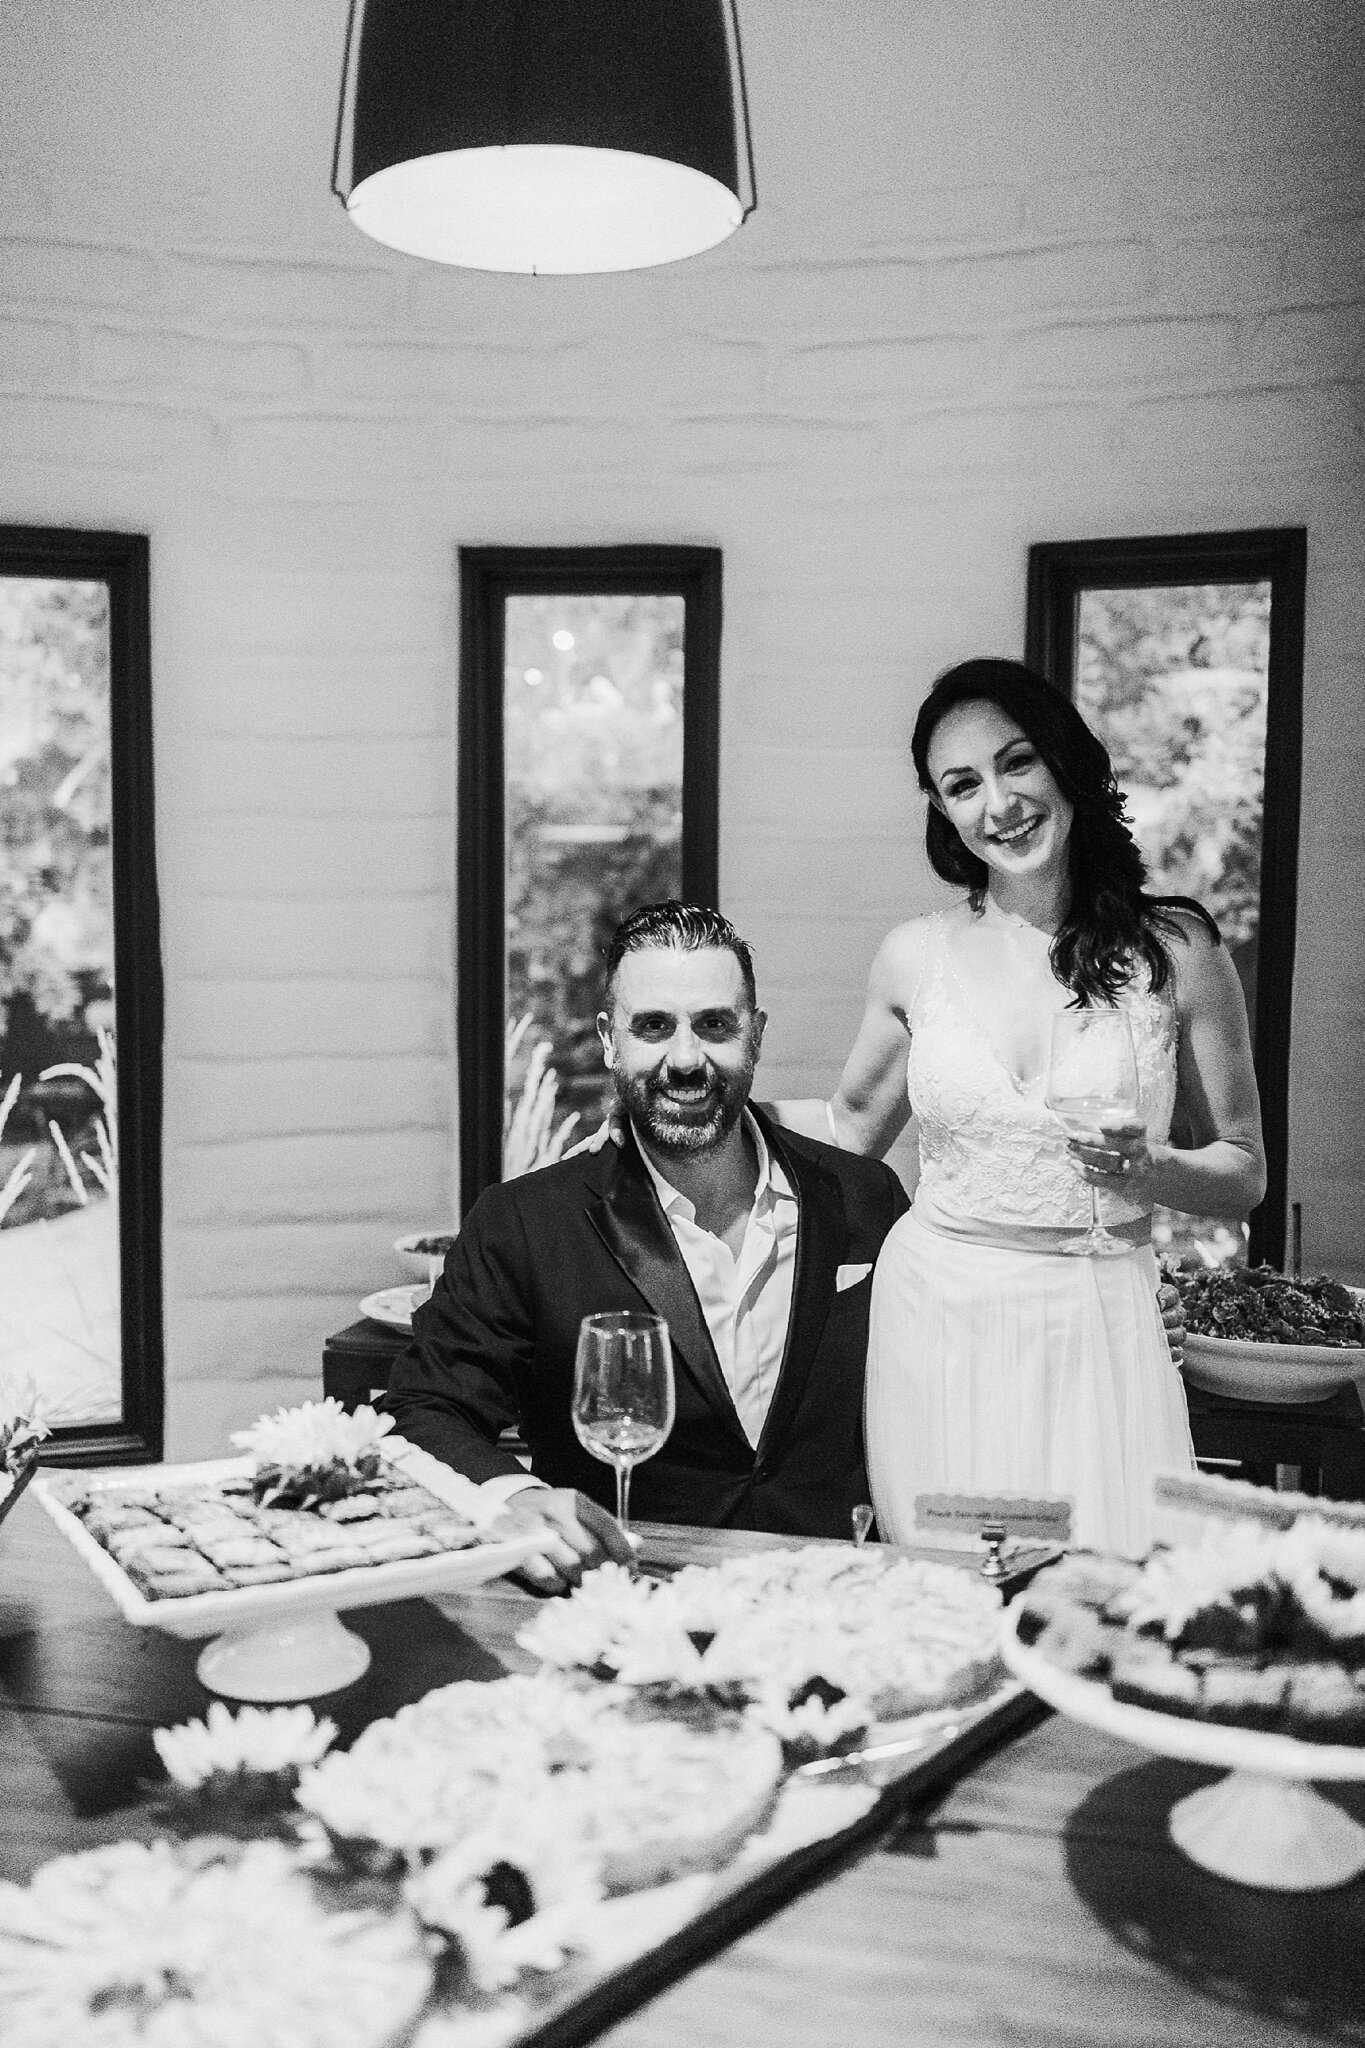 Alicia+lucia+photography+-+albuquerque+wedding+photographer+-+santa+fe+wedding+photography+-+new+mexico+wedding+photographer+-+new+mexico+wedding+-+bed+and+breakfast+wedding+-+sarabande+wedding+-+sarabande+bed+and+breakfast+wedding_0104.jpg